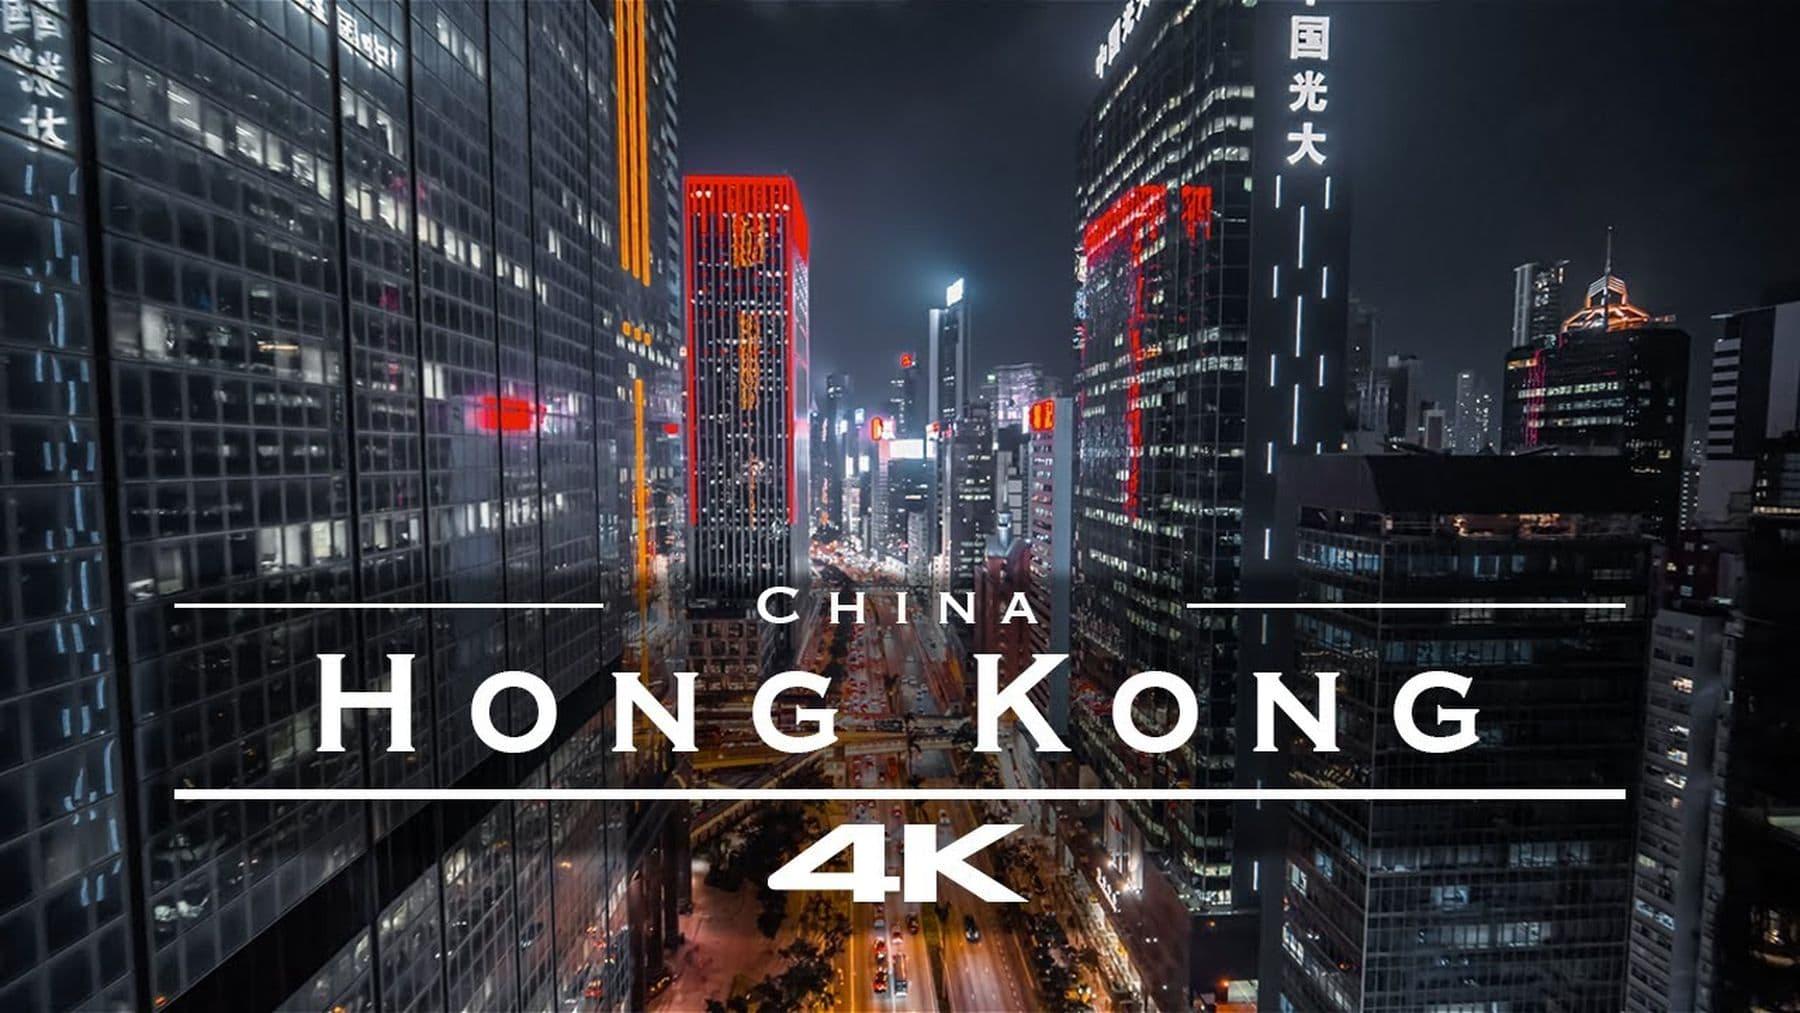 Hongkong mit der Drohne erkundet | Travel | Was is hier eigentlich los?